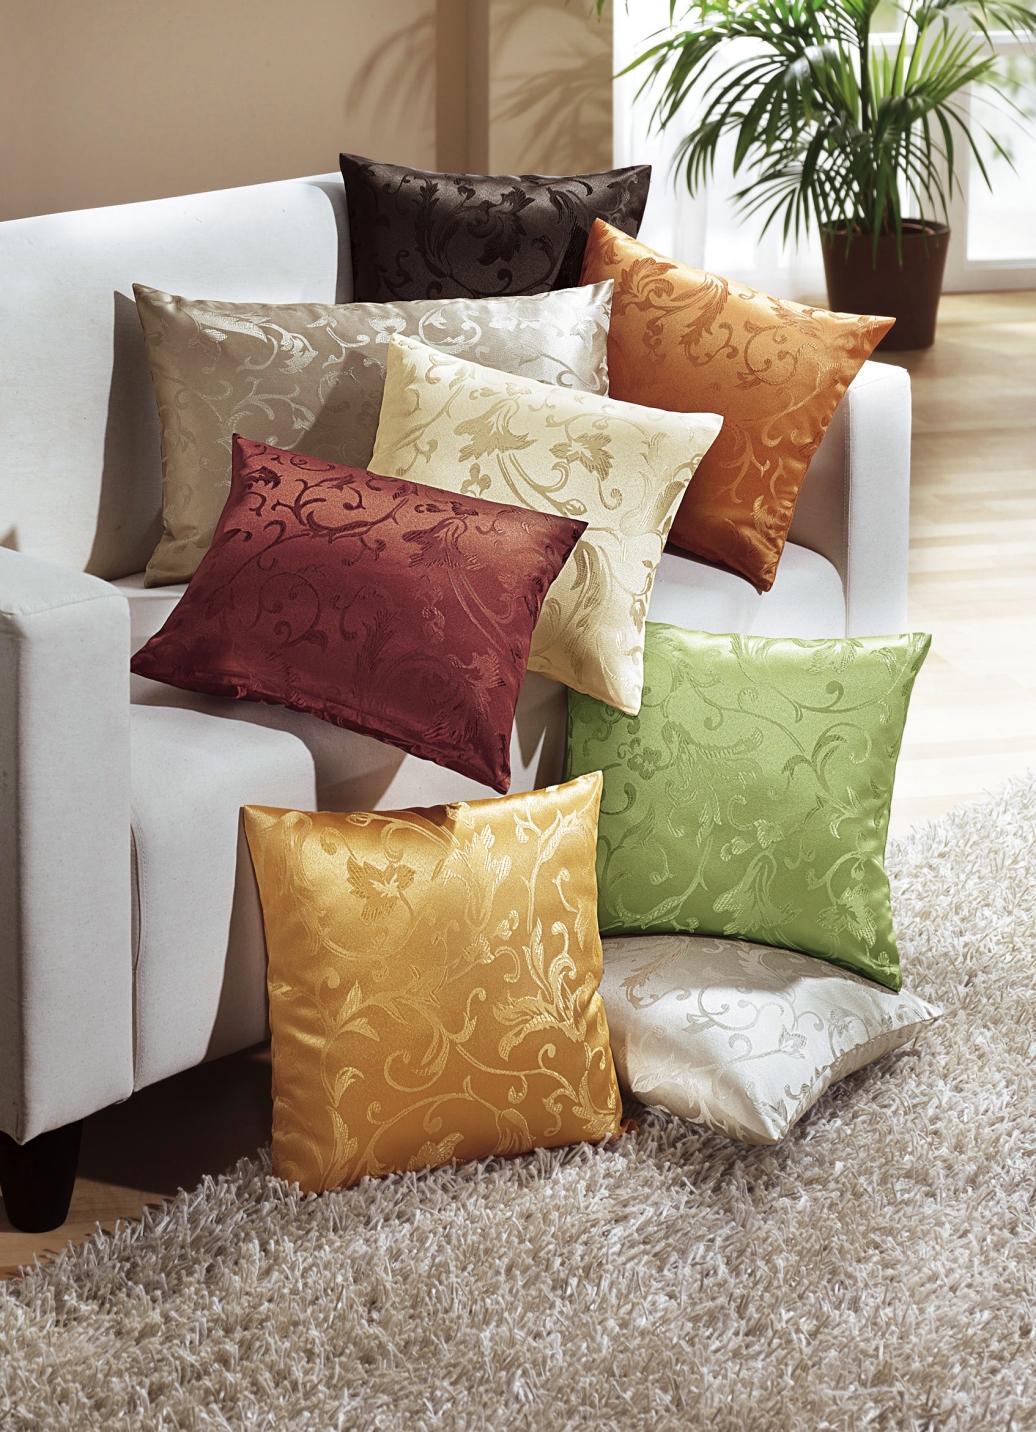 kissenh llen 2er set in verschiedenen farben wohnaccessoires brigitte st gallen. Black Bedroom Furniture Sets. Home Design Ideas